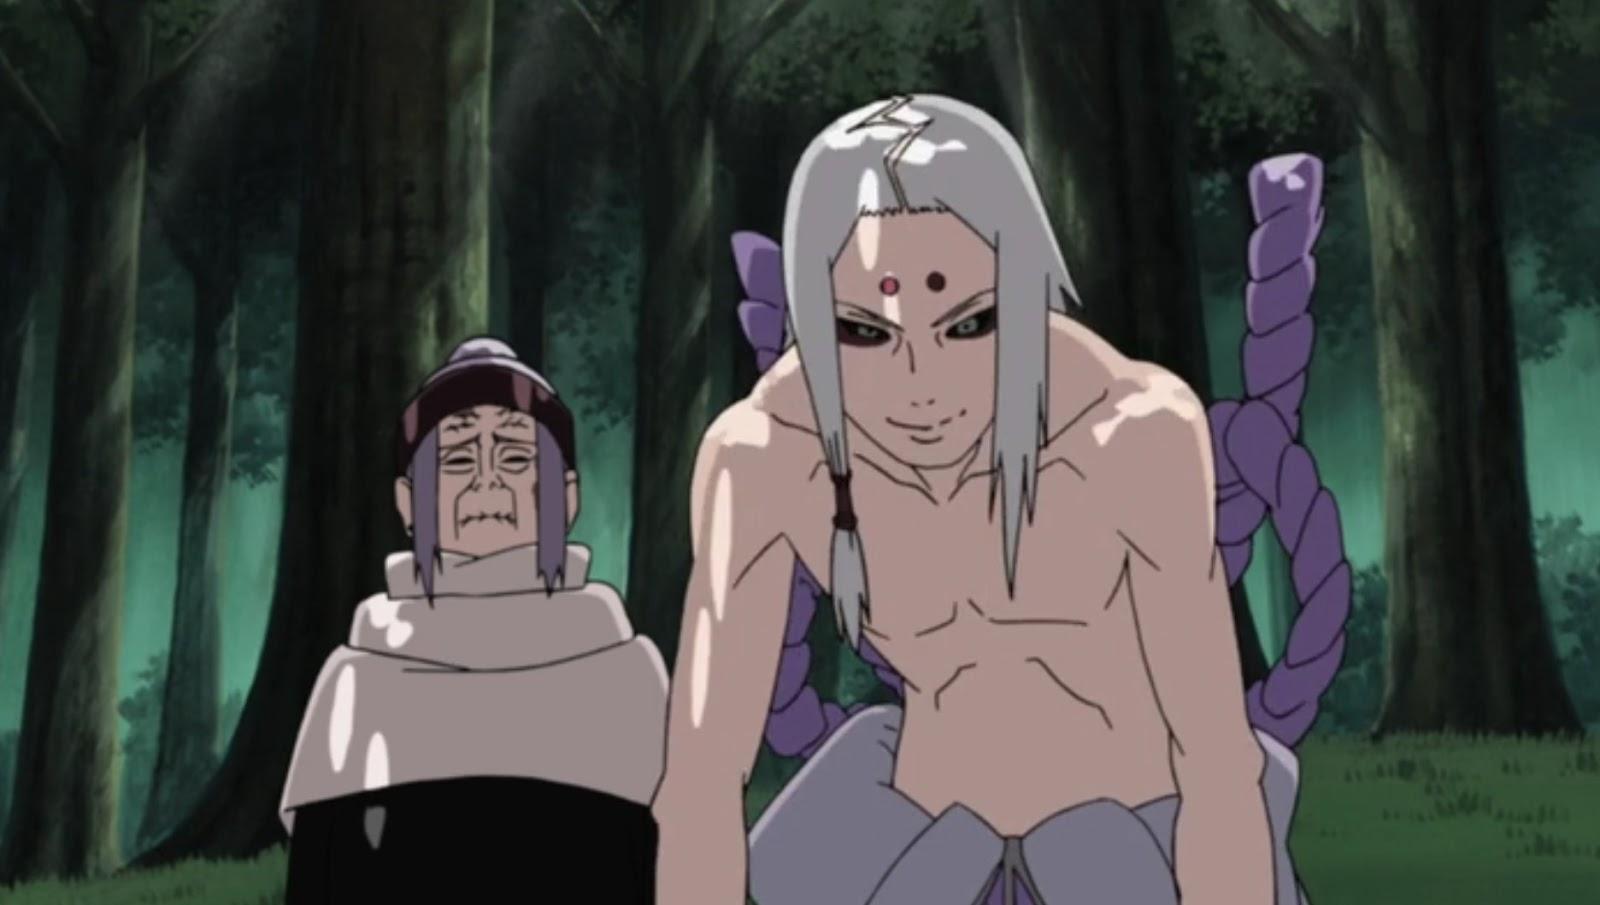 Naruto Shippuden Episódio 319, Assistir Naruto Shippuden Episódio 319, Assistir Naruto Shippuden Todos os Episódios Legendado, Naruto Shippuden episódio 319,HD